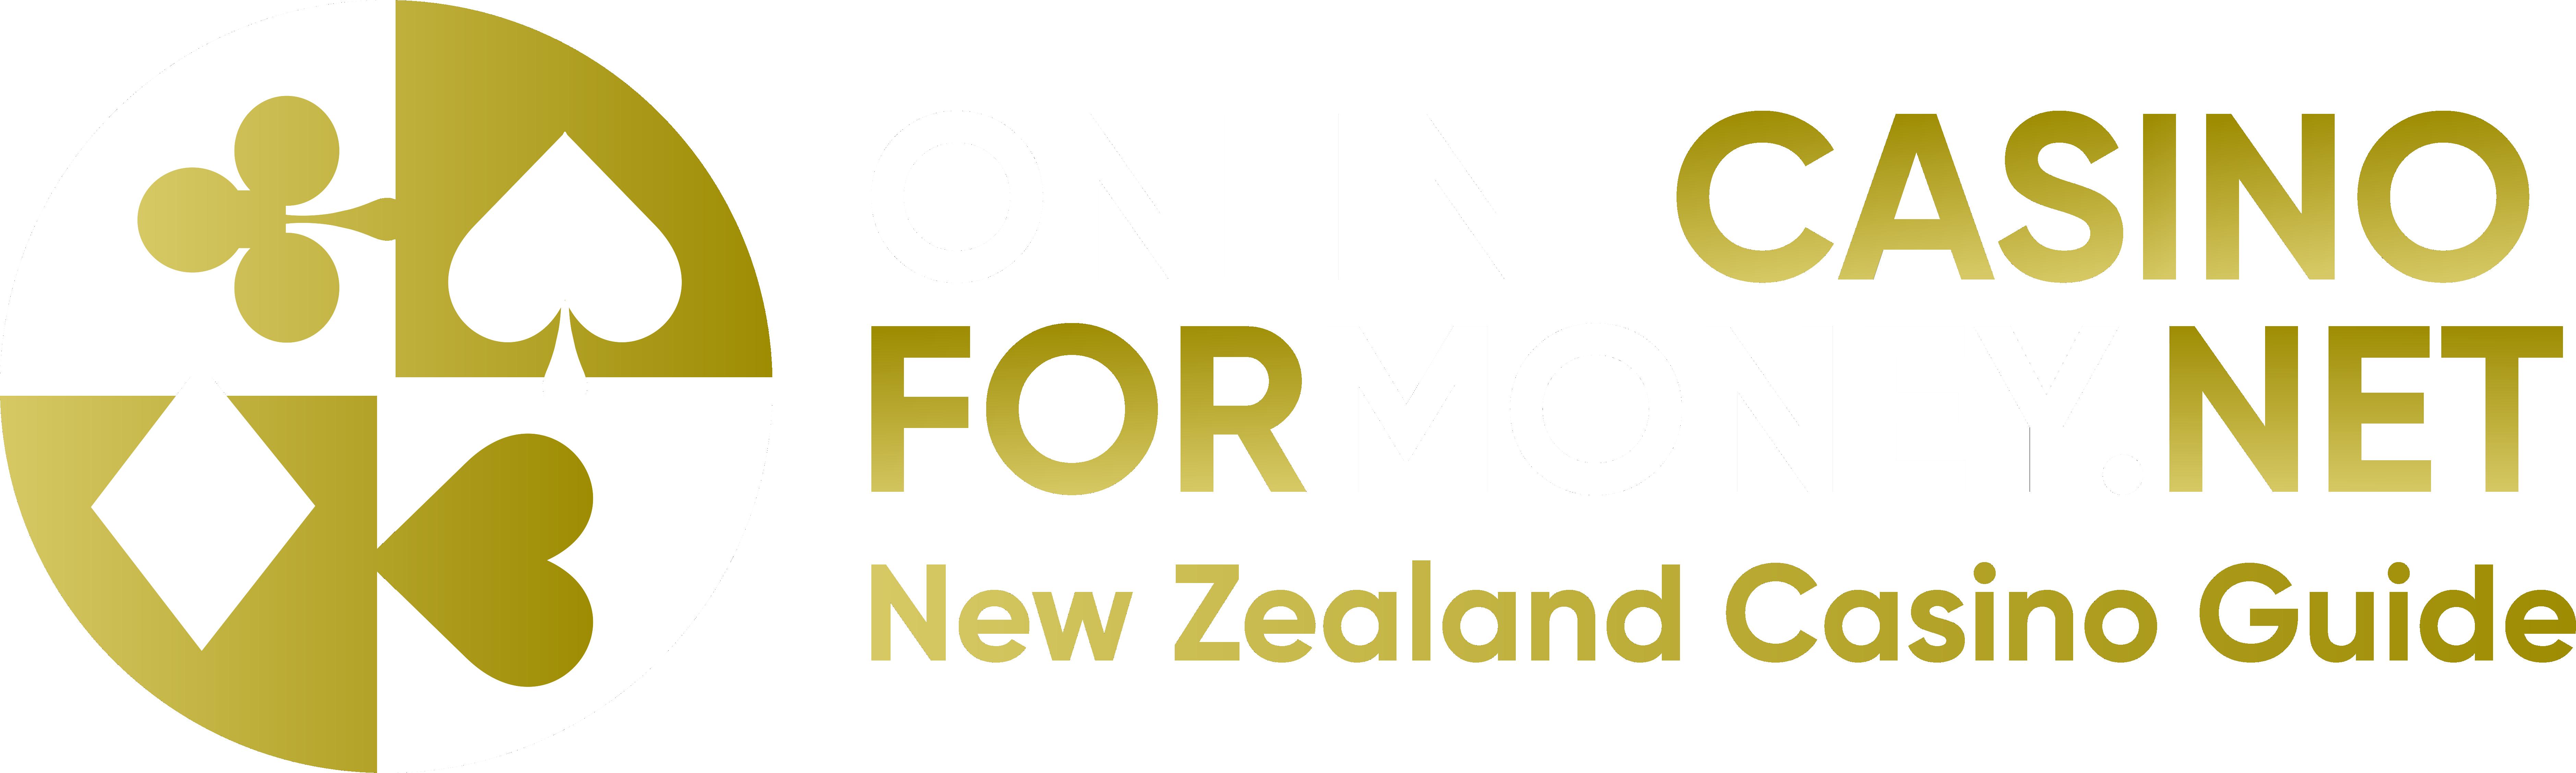 onlinecasinoformoney